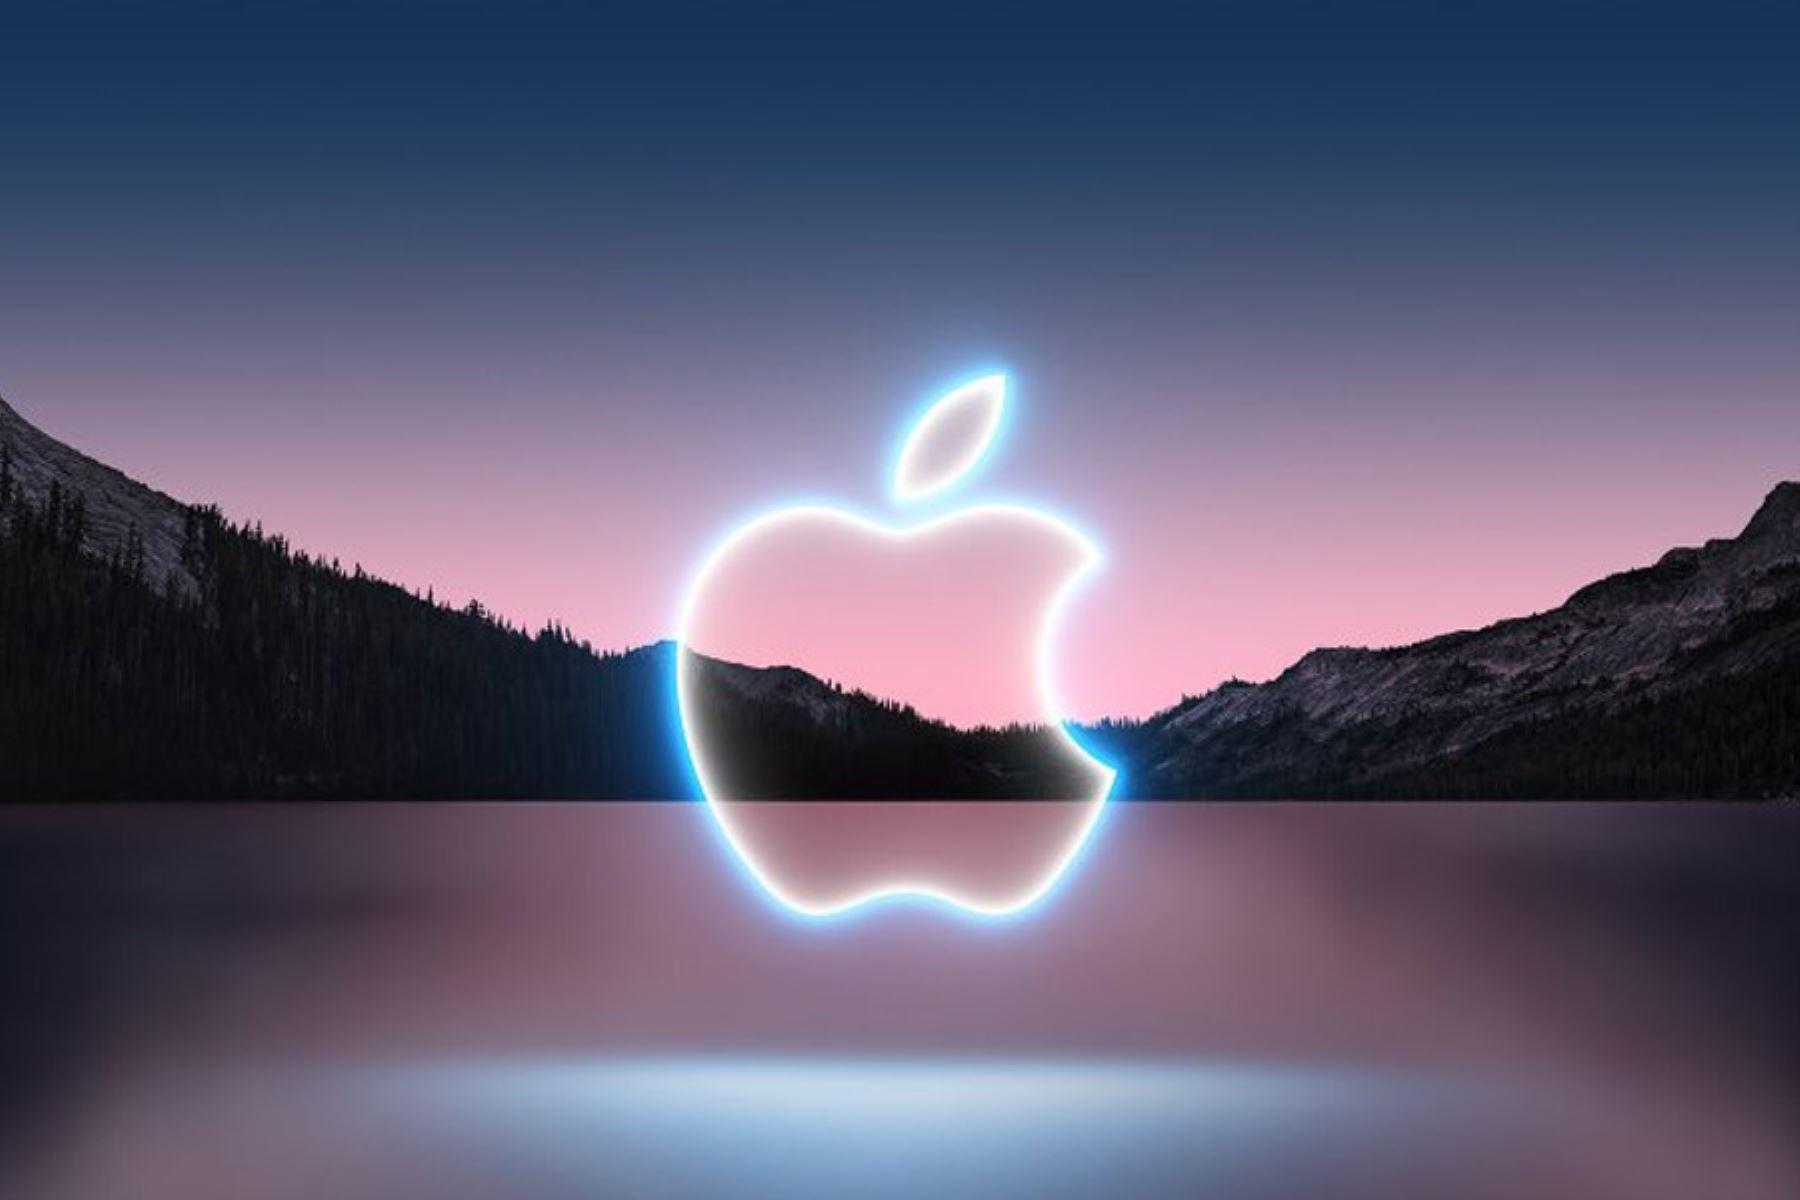 El Apple Event será transmitido en todas las redes sociales oficiales de la empresa tecnológica. Foto: Apple